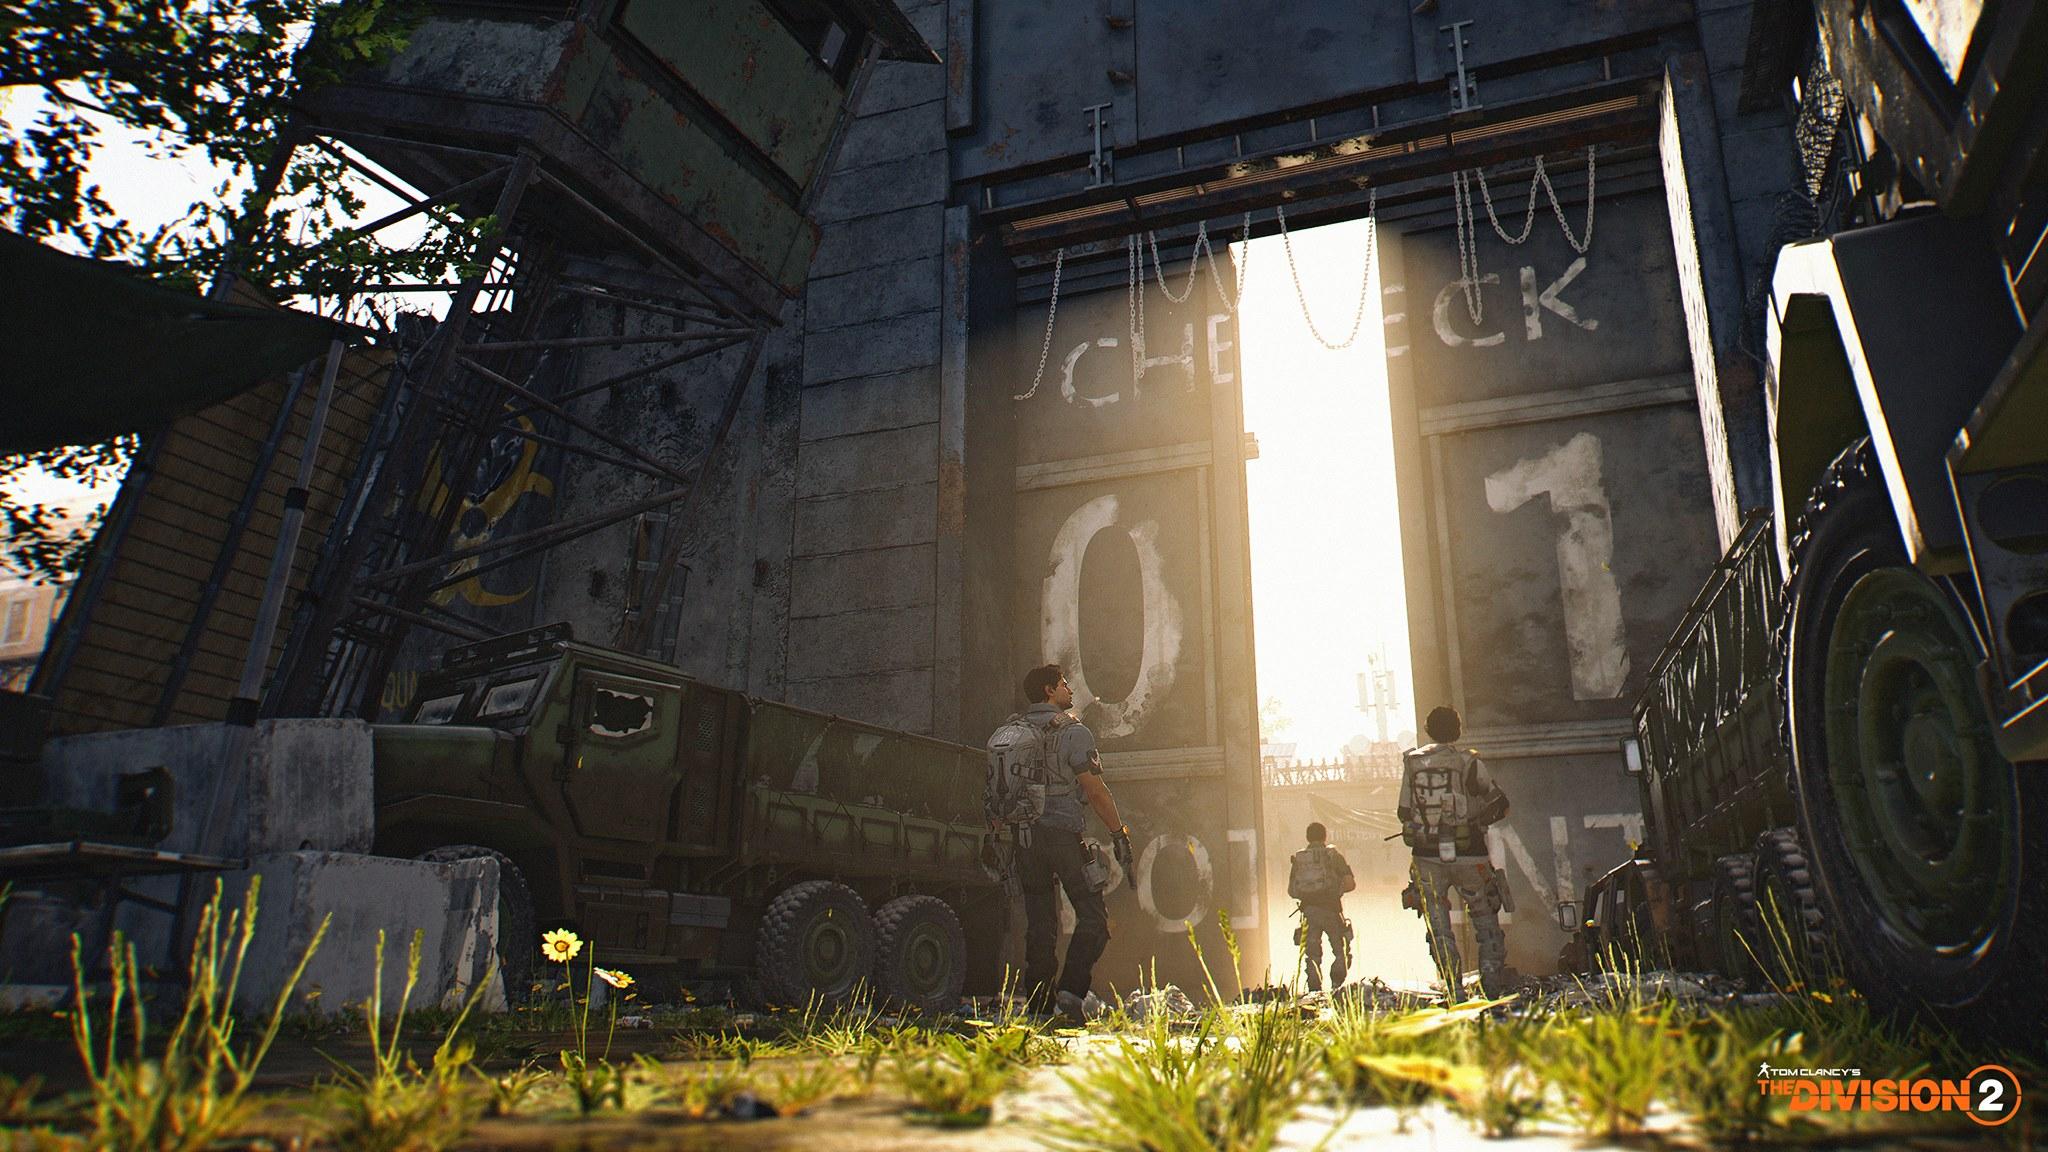 سازندگان قول دادهاند که The Divison 2 عملکرد سریعتری در DirectX 12 خواهد داشت + تصاویری جدیدی از بازی